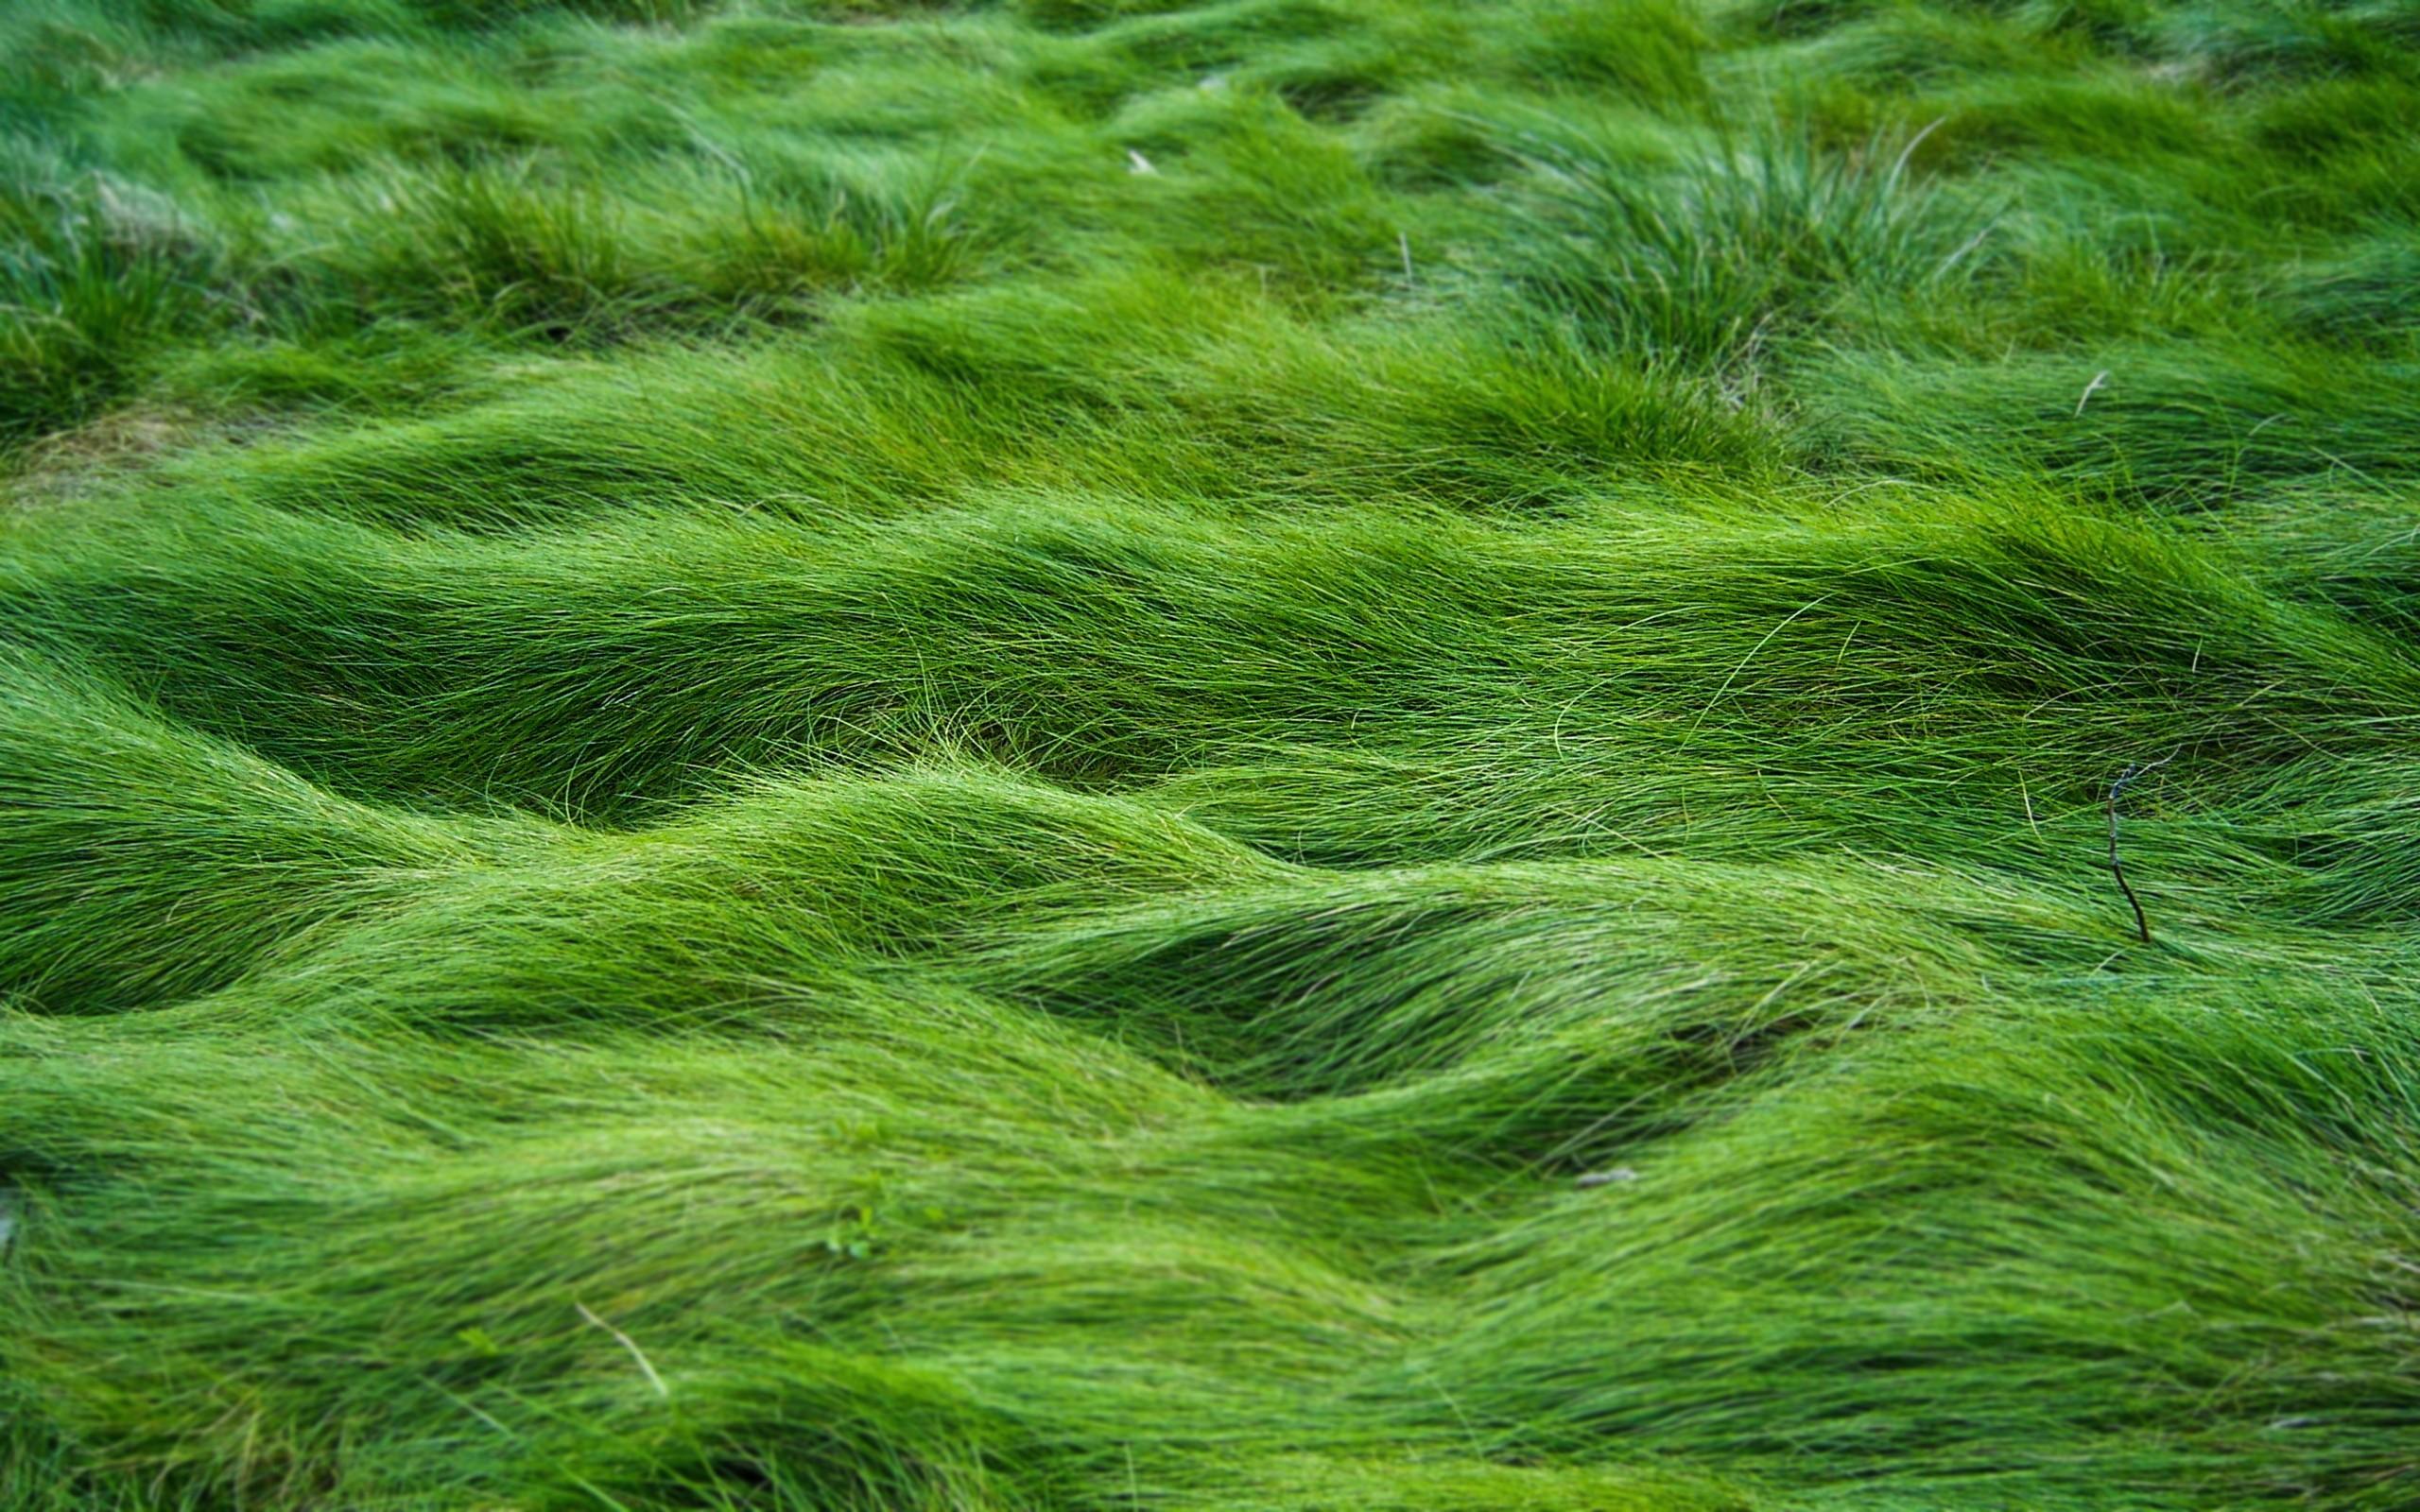 Green Grass Wallpaper HD 13096 Wallpaper Cool Walldiskpapercom 2560x1600